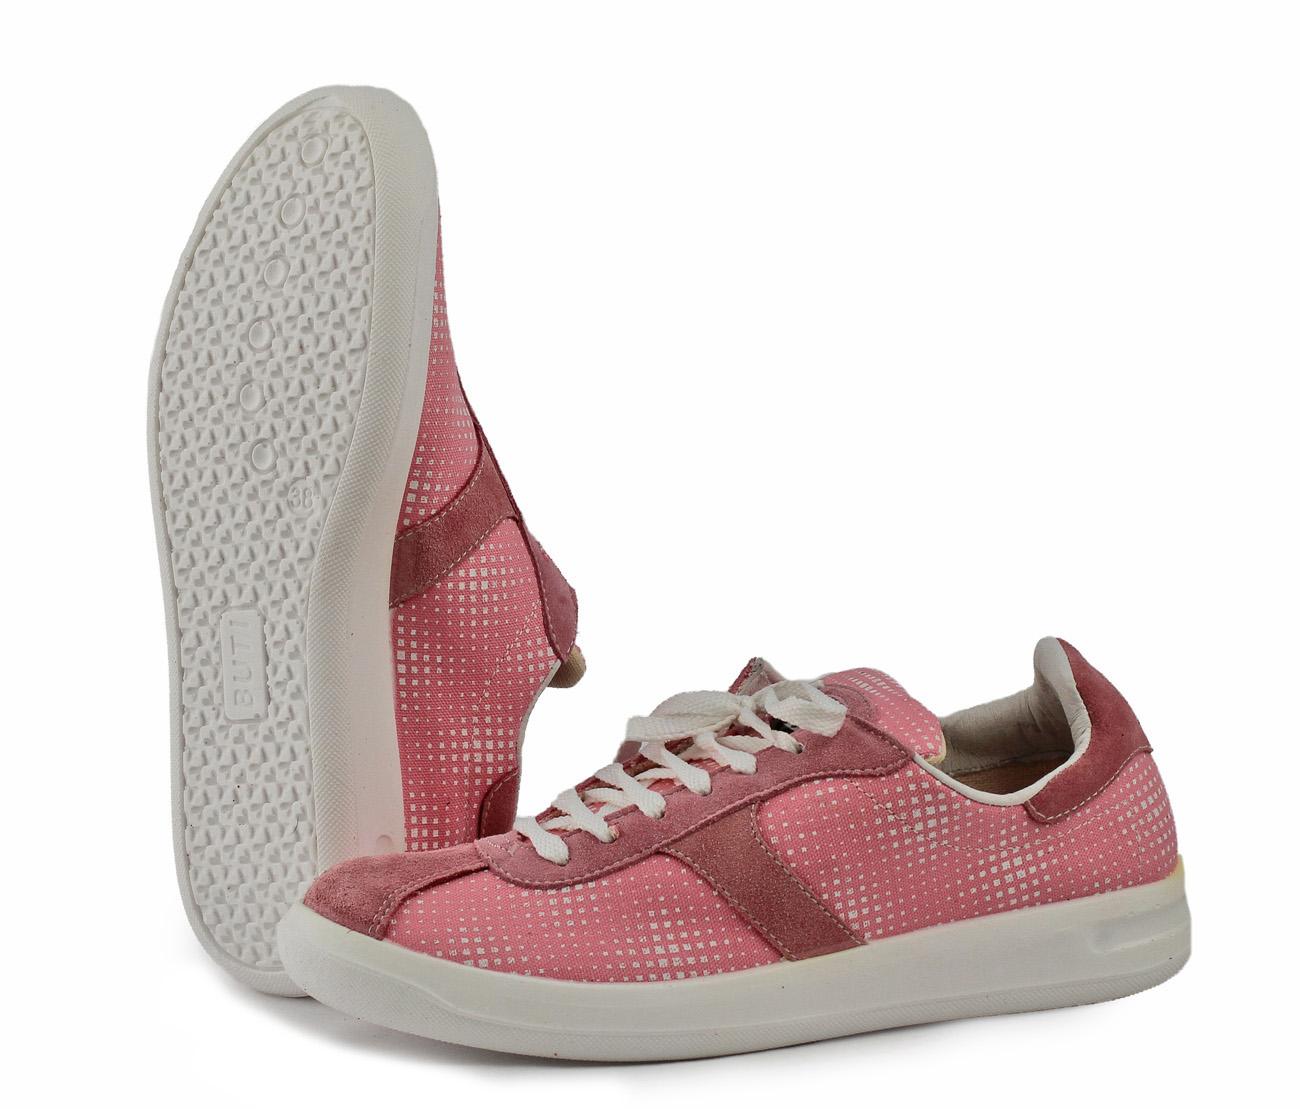 Кроссовки ACTIVE-01 ( женские) (40)Кроссовки<br>Разработки для спортивной обуви удачно <br>воплотились в кроссовках для повседневной <br>носки. Благодаря удобной колодке ноги не <br>устают в течение дня. Полиуретановая подошва <br>отличается надежностью и долговечностью. <br>Каждая пара в индивидуальной упаковке.<br><br>Пол: женский<br>Размер: 40<br>Сезон: лето